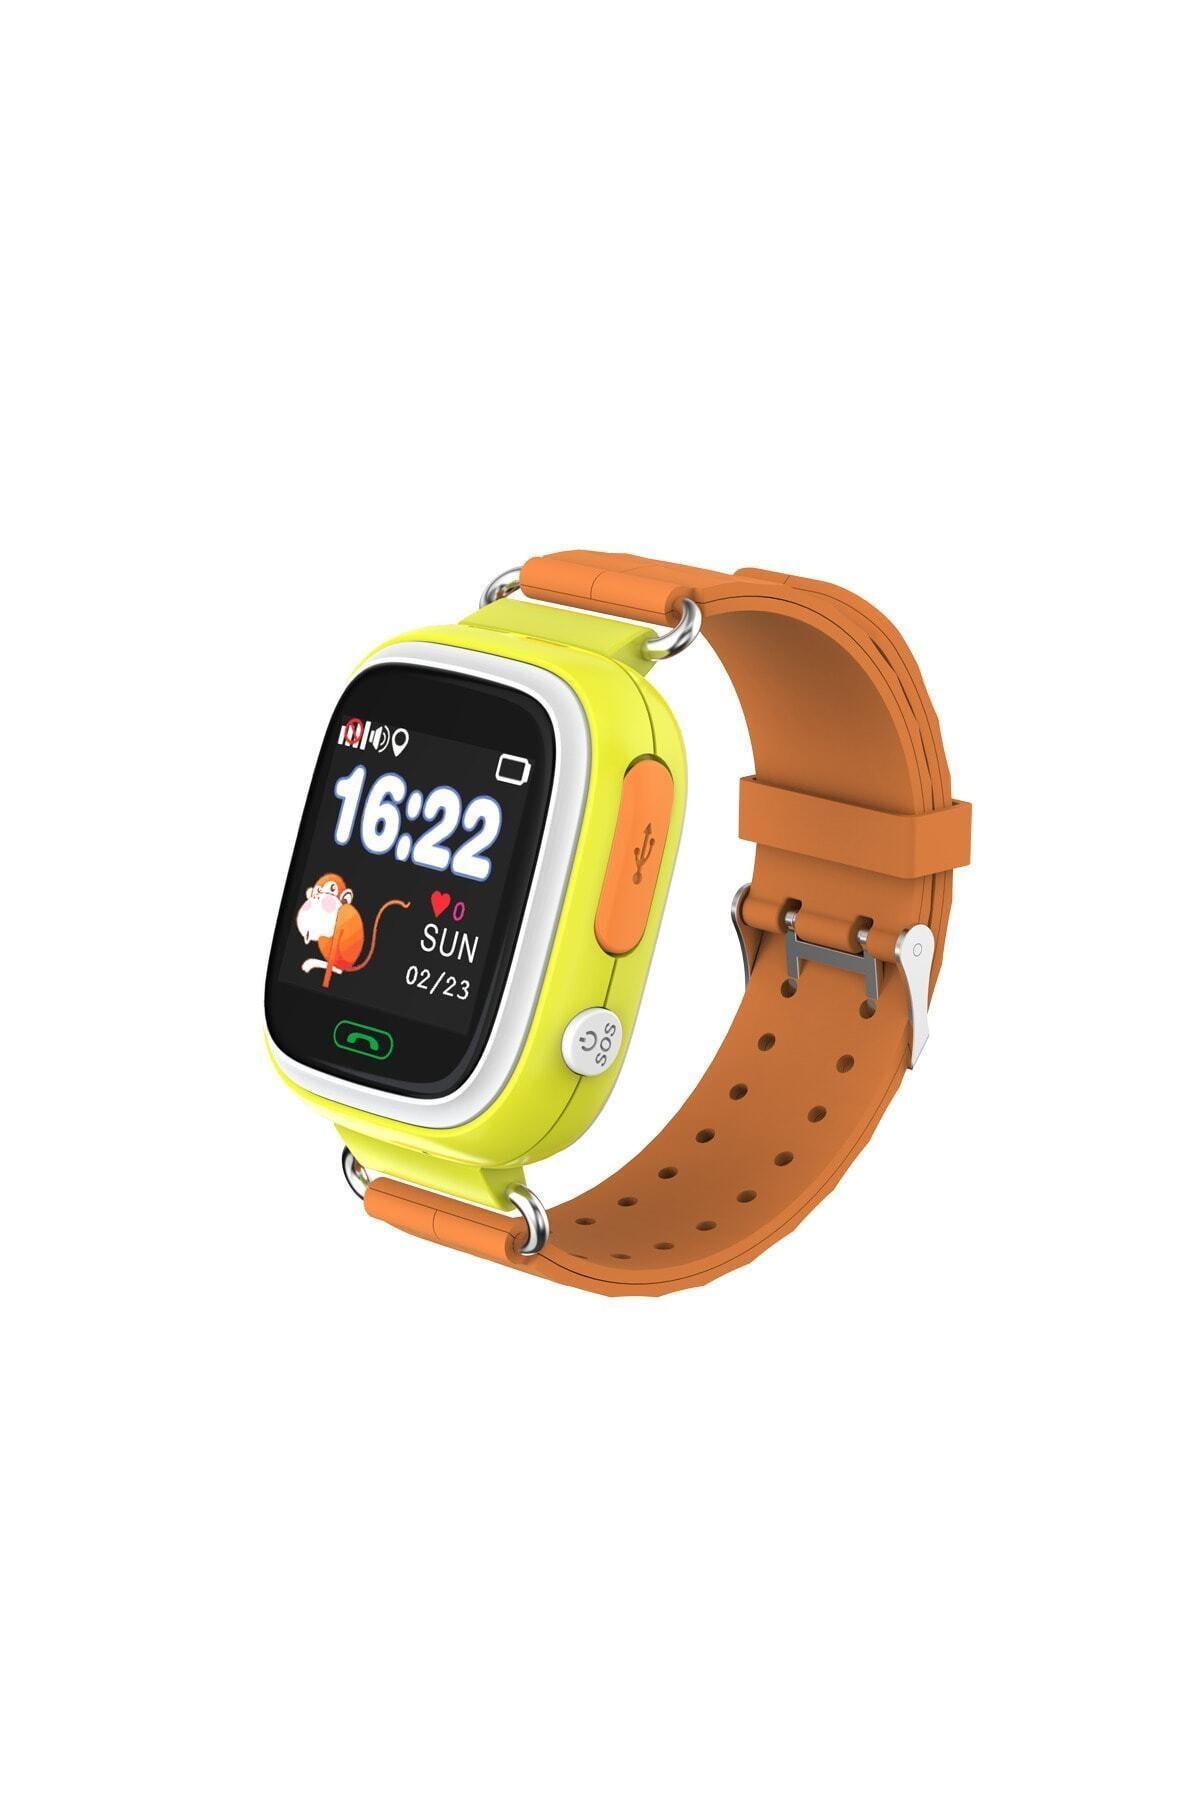 Akıllı Saat - Çocuk Takip Saati - Gps - Sim Kartlı Arama - Sarı